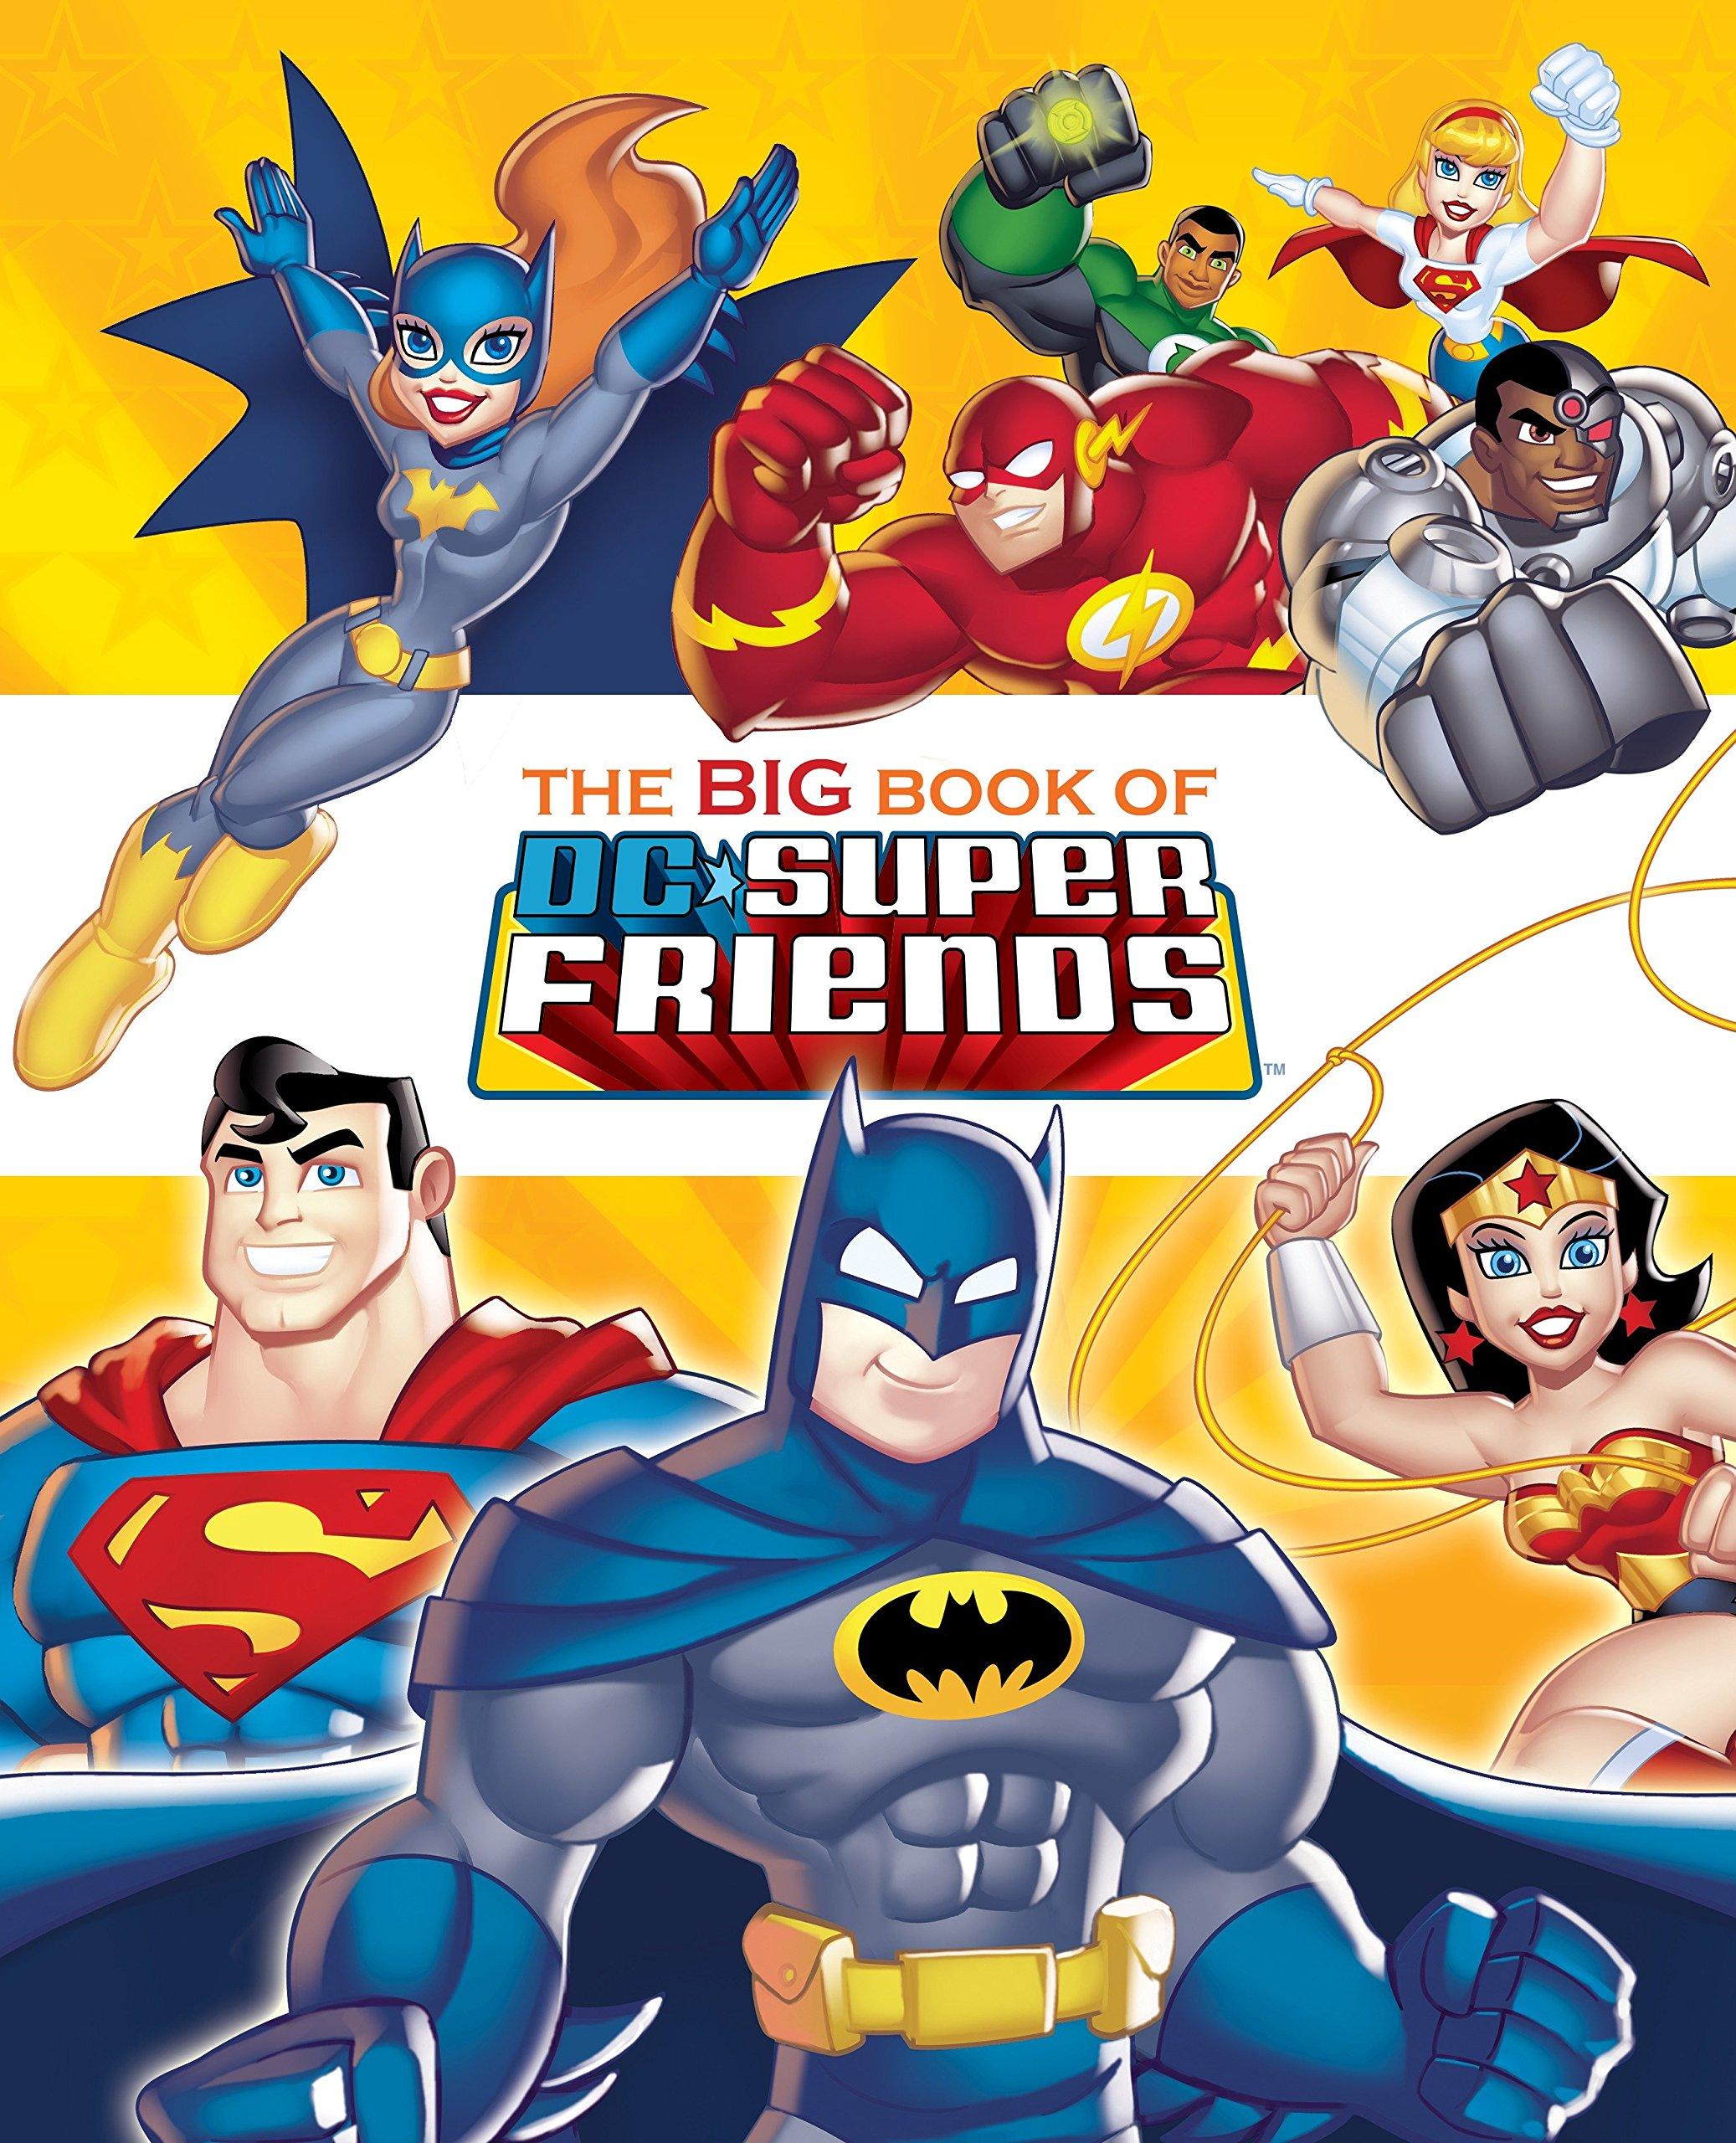 The Big Book of DC Super Friends (DC Super Friends) (Big Golden Book) pdf